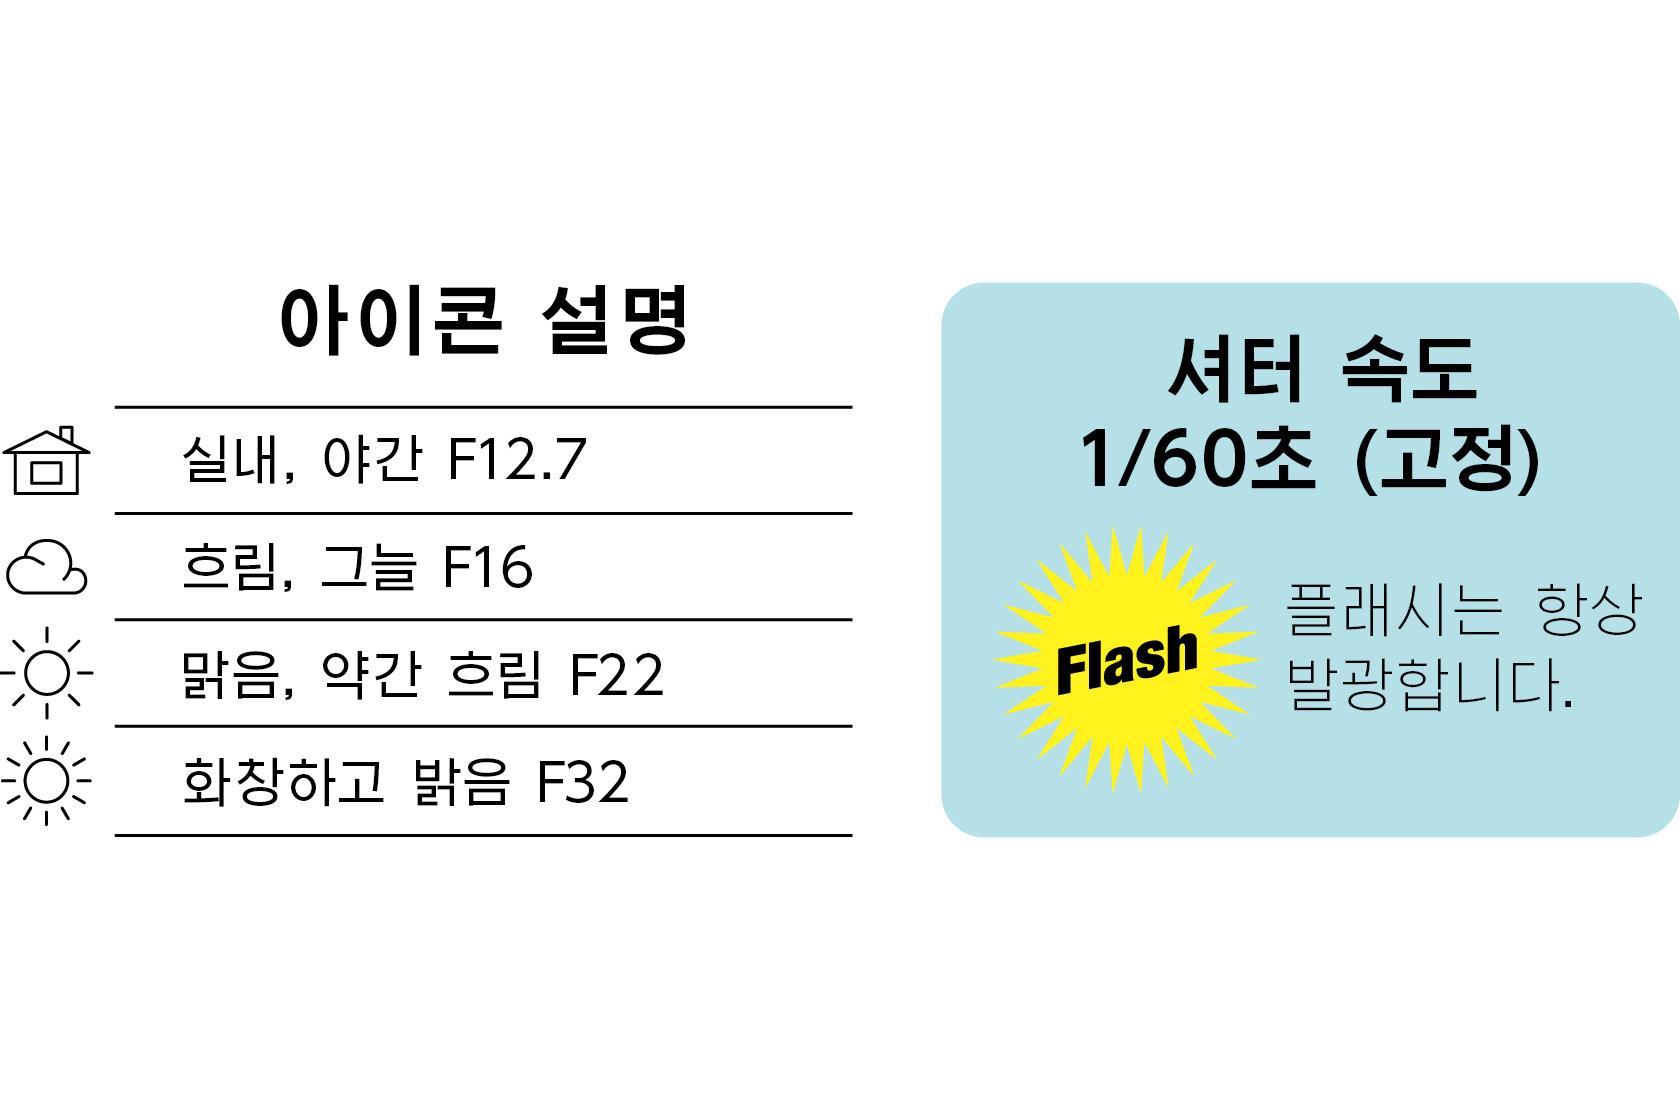 [image] 인스탁스 미니9 카메라의 아이콘과 셔터 속도에 대한 설명을 포함한 정보